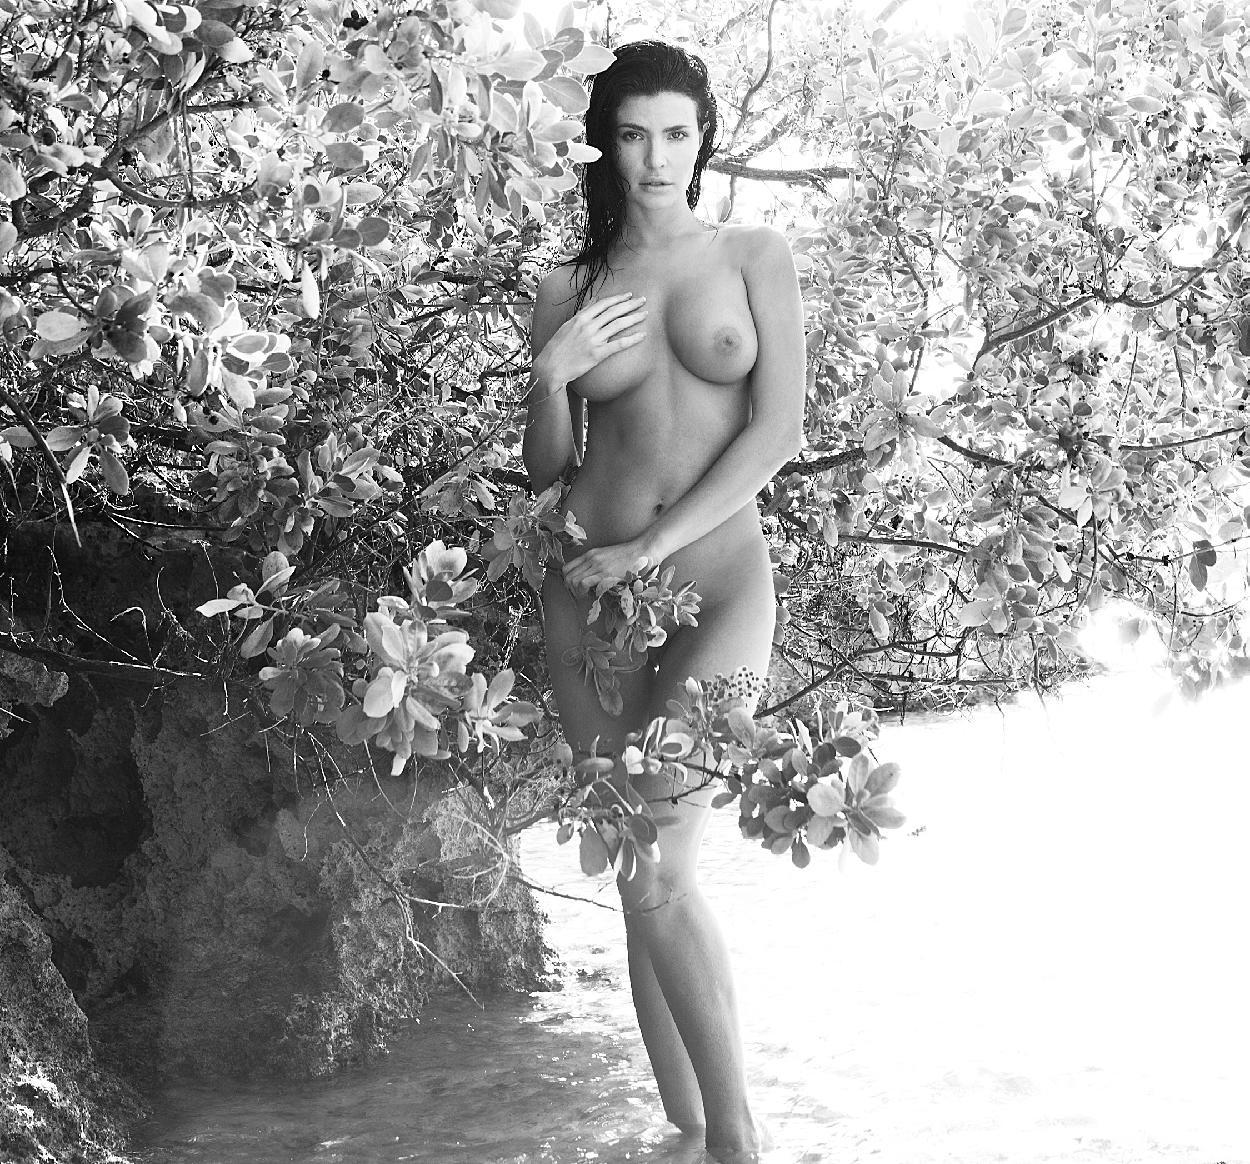 sexy pics of Julia Lescova